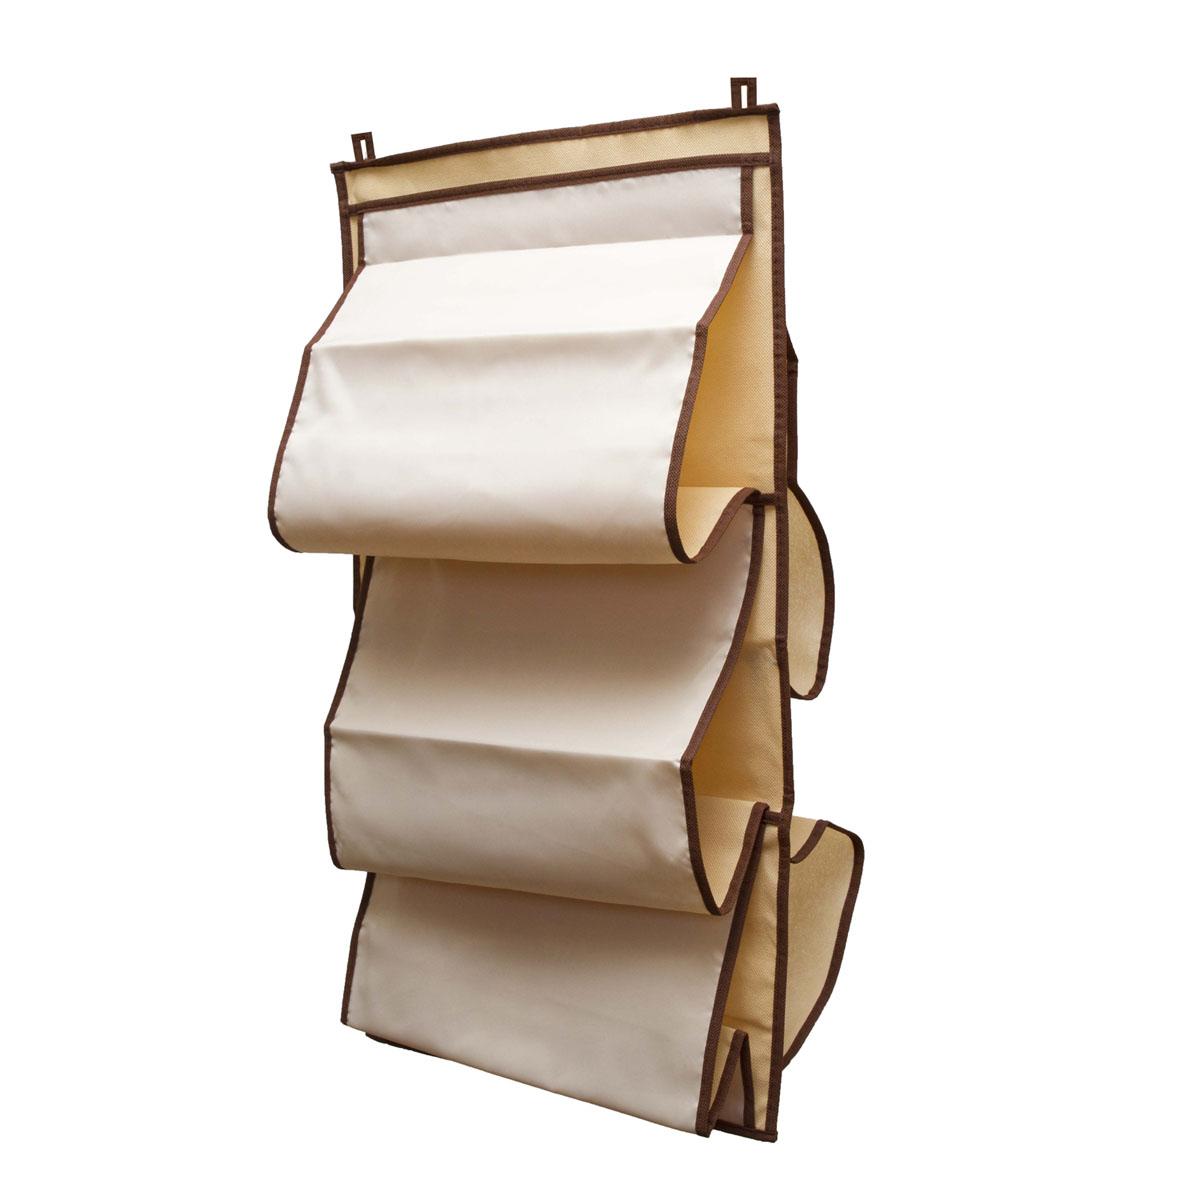 Органайзер для сумок Homsu Bora-Bora, 5 отделений, 40 х 70 смRG-D31SОрганайзер для хранения сумок Homsu Bora-Bora изготовлен из полиэстера. Изделие имеет 5 отделений, его можно повесить в удобное место за крючки. Такой компактный и удобный в каждодневном использовании аксессуар, как этот органайзер, размещающийся в пространстве шкафа, на плоскости стены или дверей.Практичный и удобный органайзер для хранения сумок.Размер чехла: 40 х 70 см.